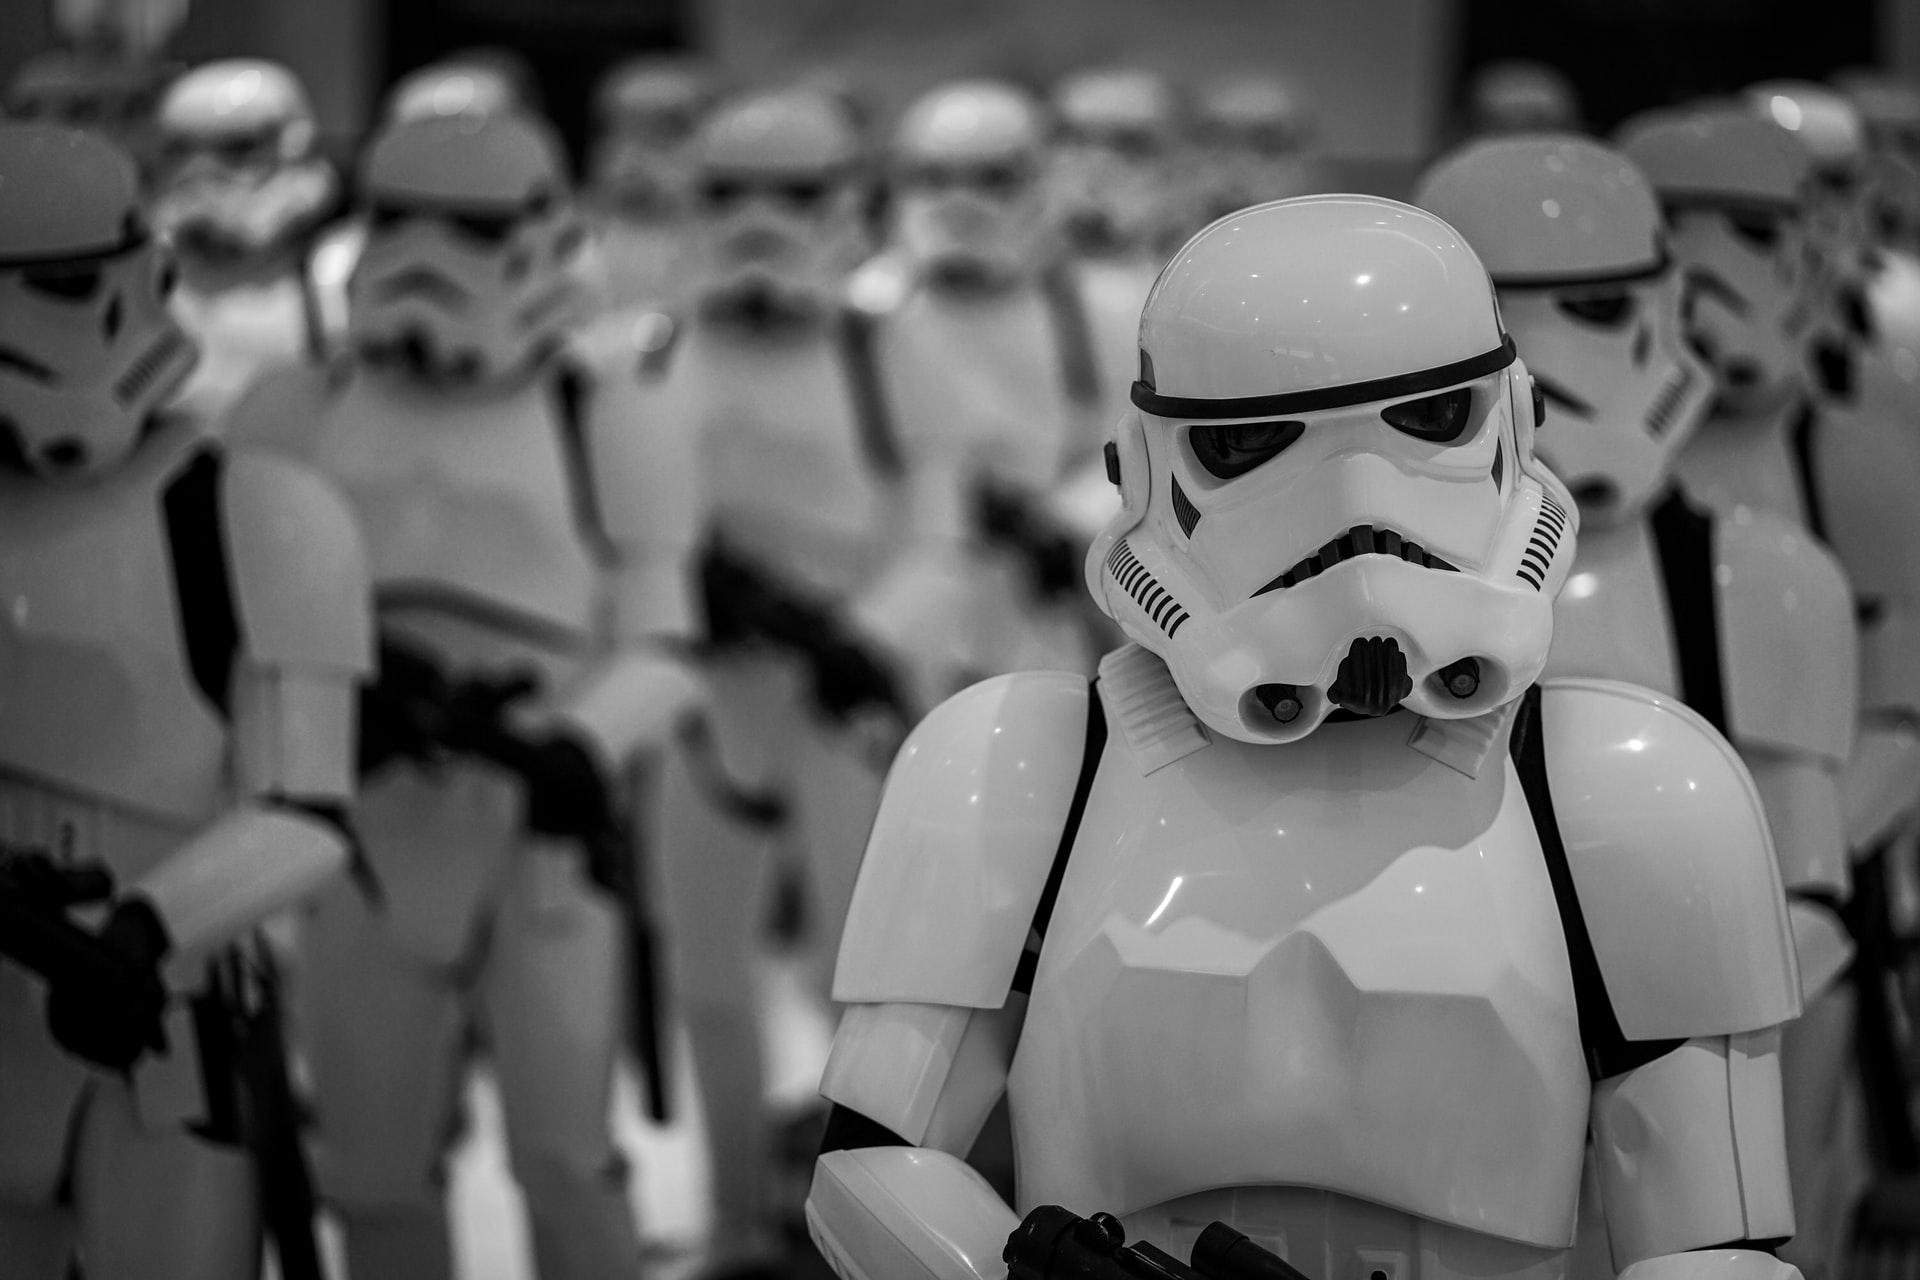 A fleet of Storm Troopers. Photo courtesy of Agnieszka Kowalczyk on Unsplash.